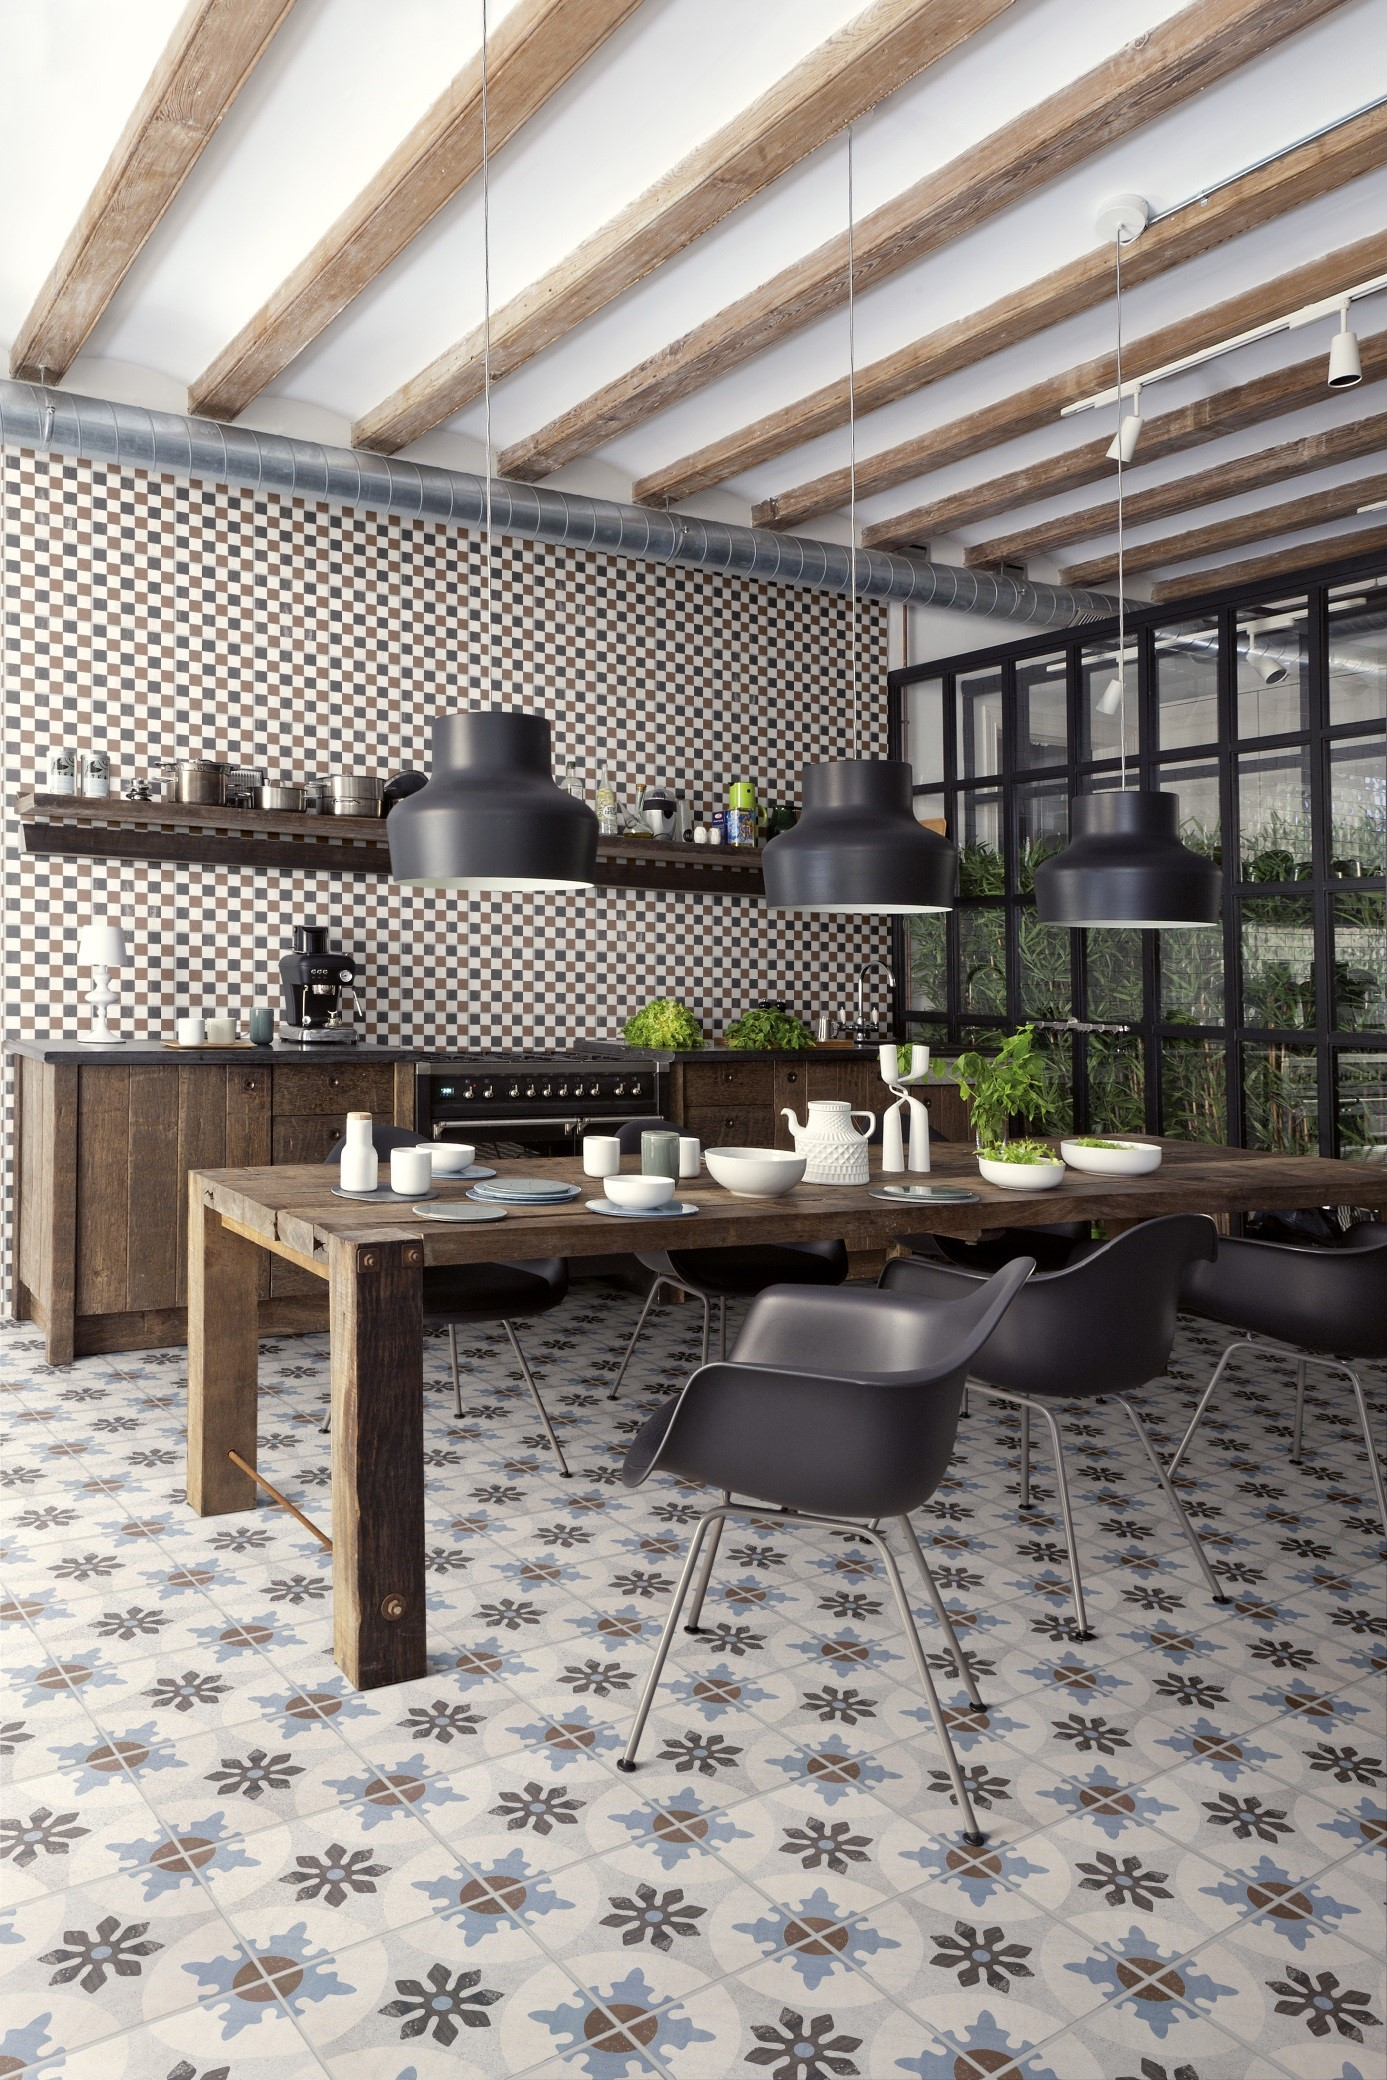 tegels keuken renoveren : Koop Keukentegels Vlek En Waterbestendige Keukentegels Door